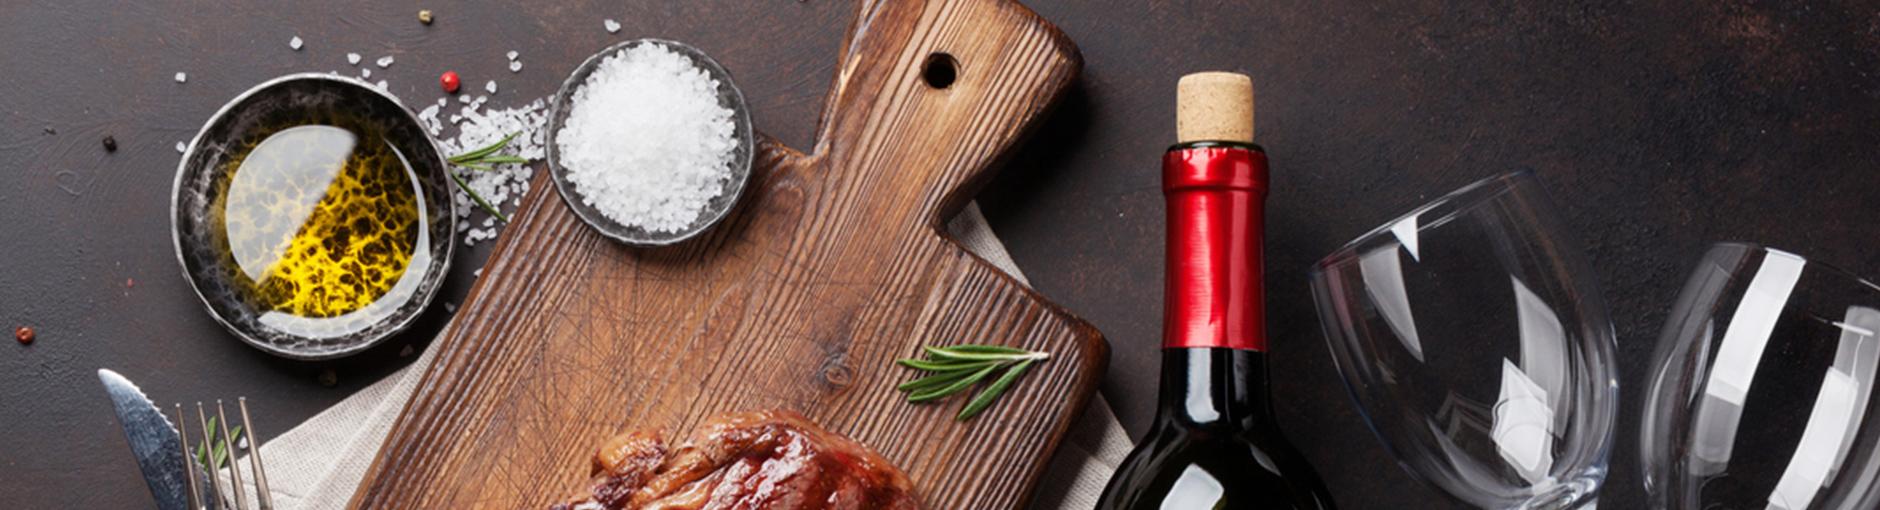 Mediterrane Rezepte: Der Geschmack des Südens   BRIGITTE.de